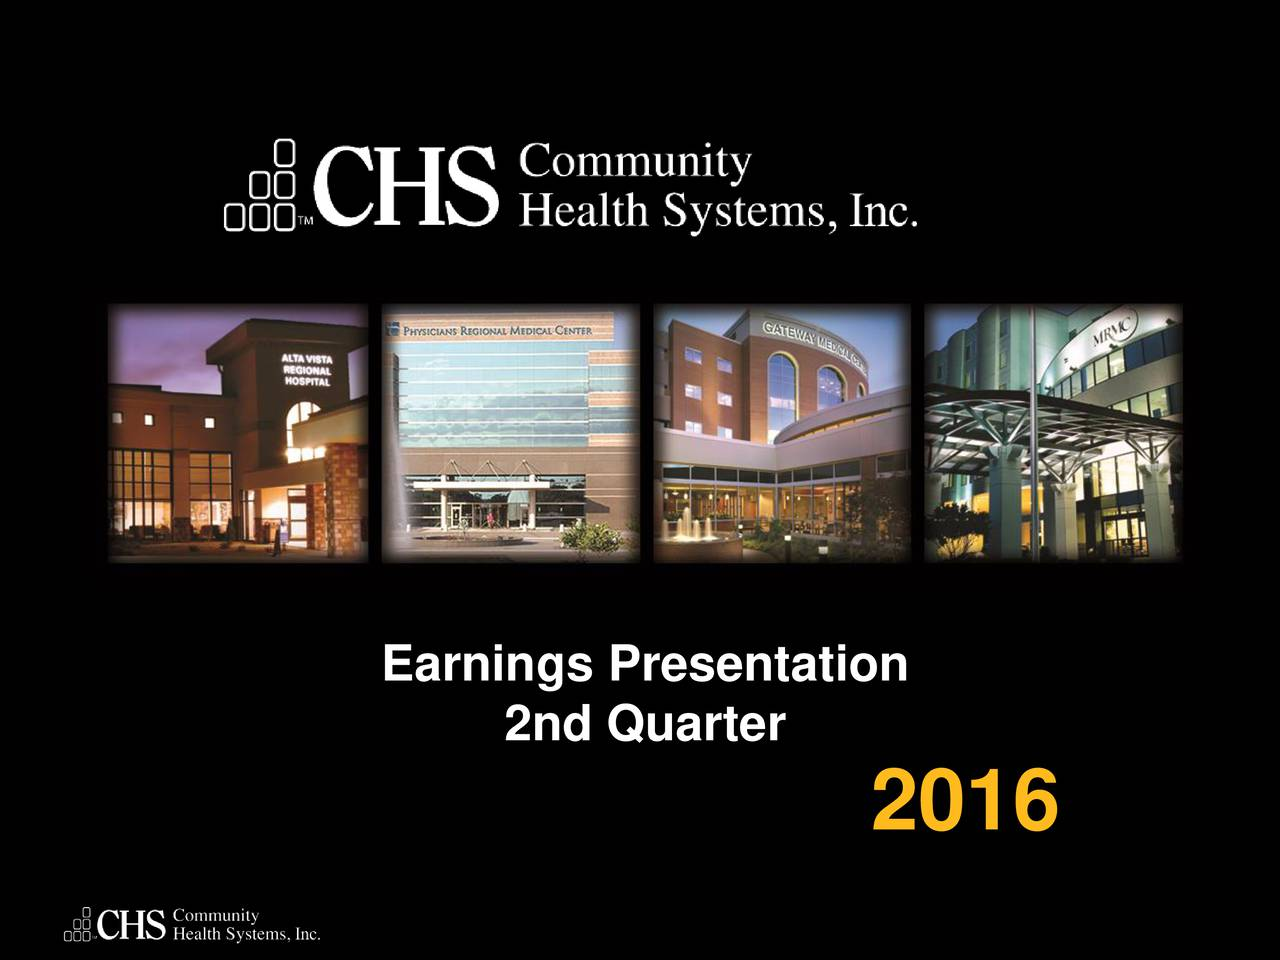 2nd Quarter 2016